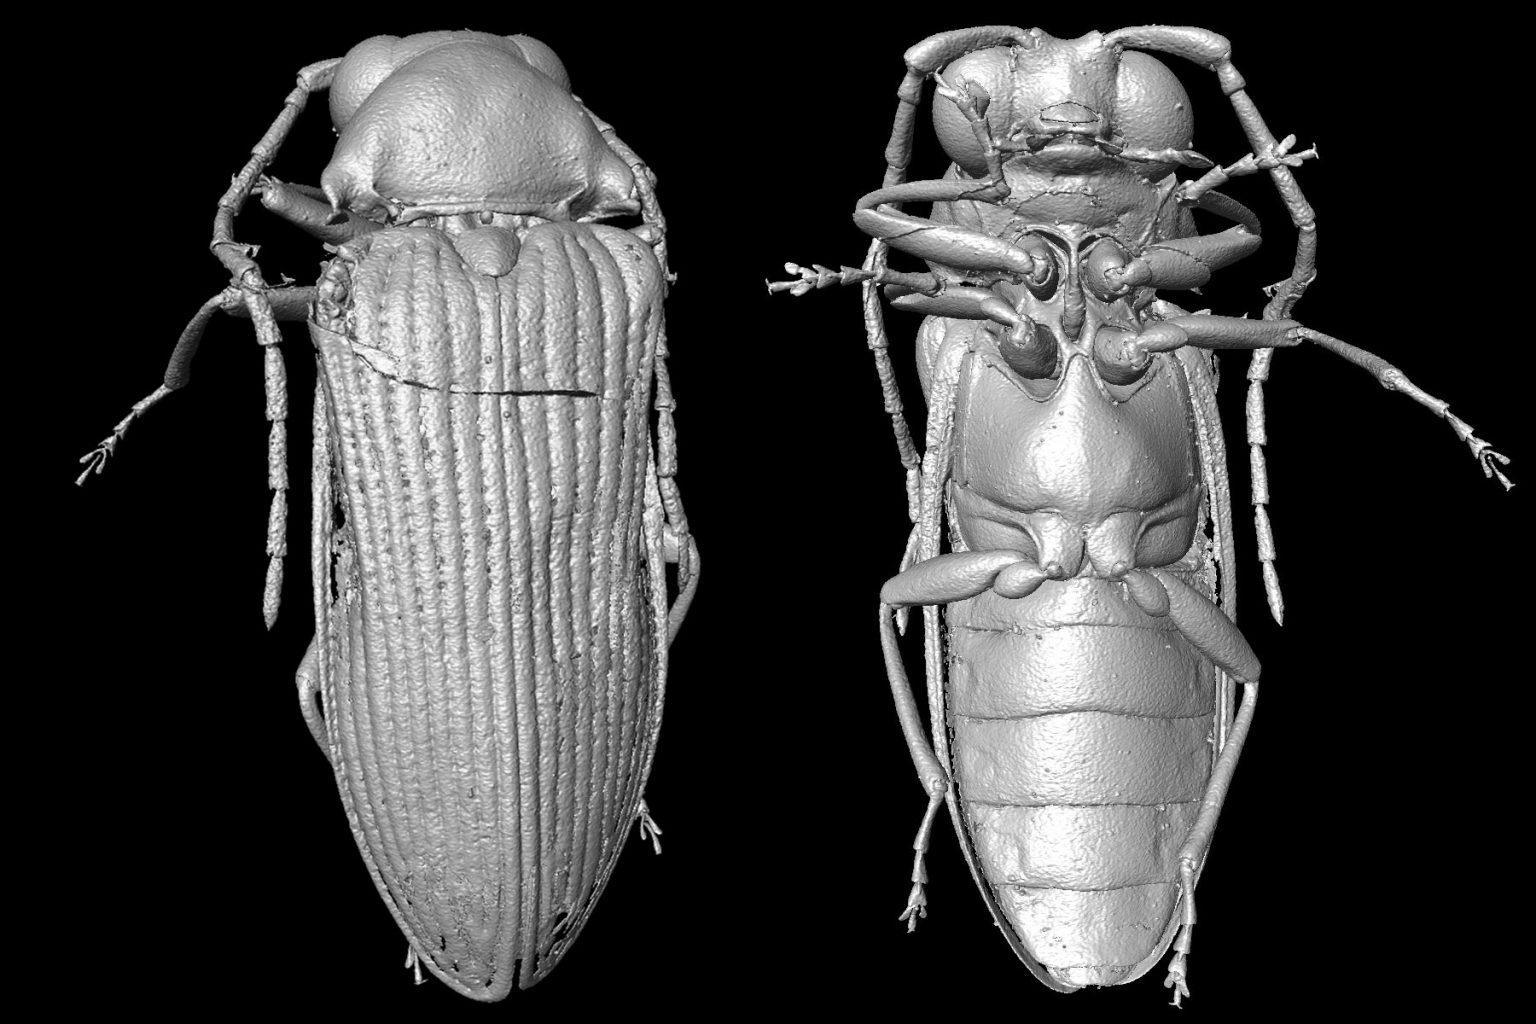 琥珀に保存された9900万年前の昆虫をデジタル状で再構築